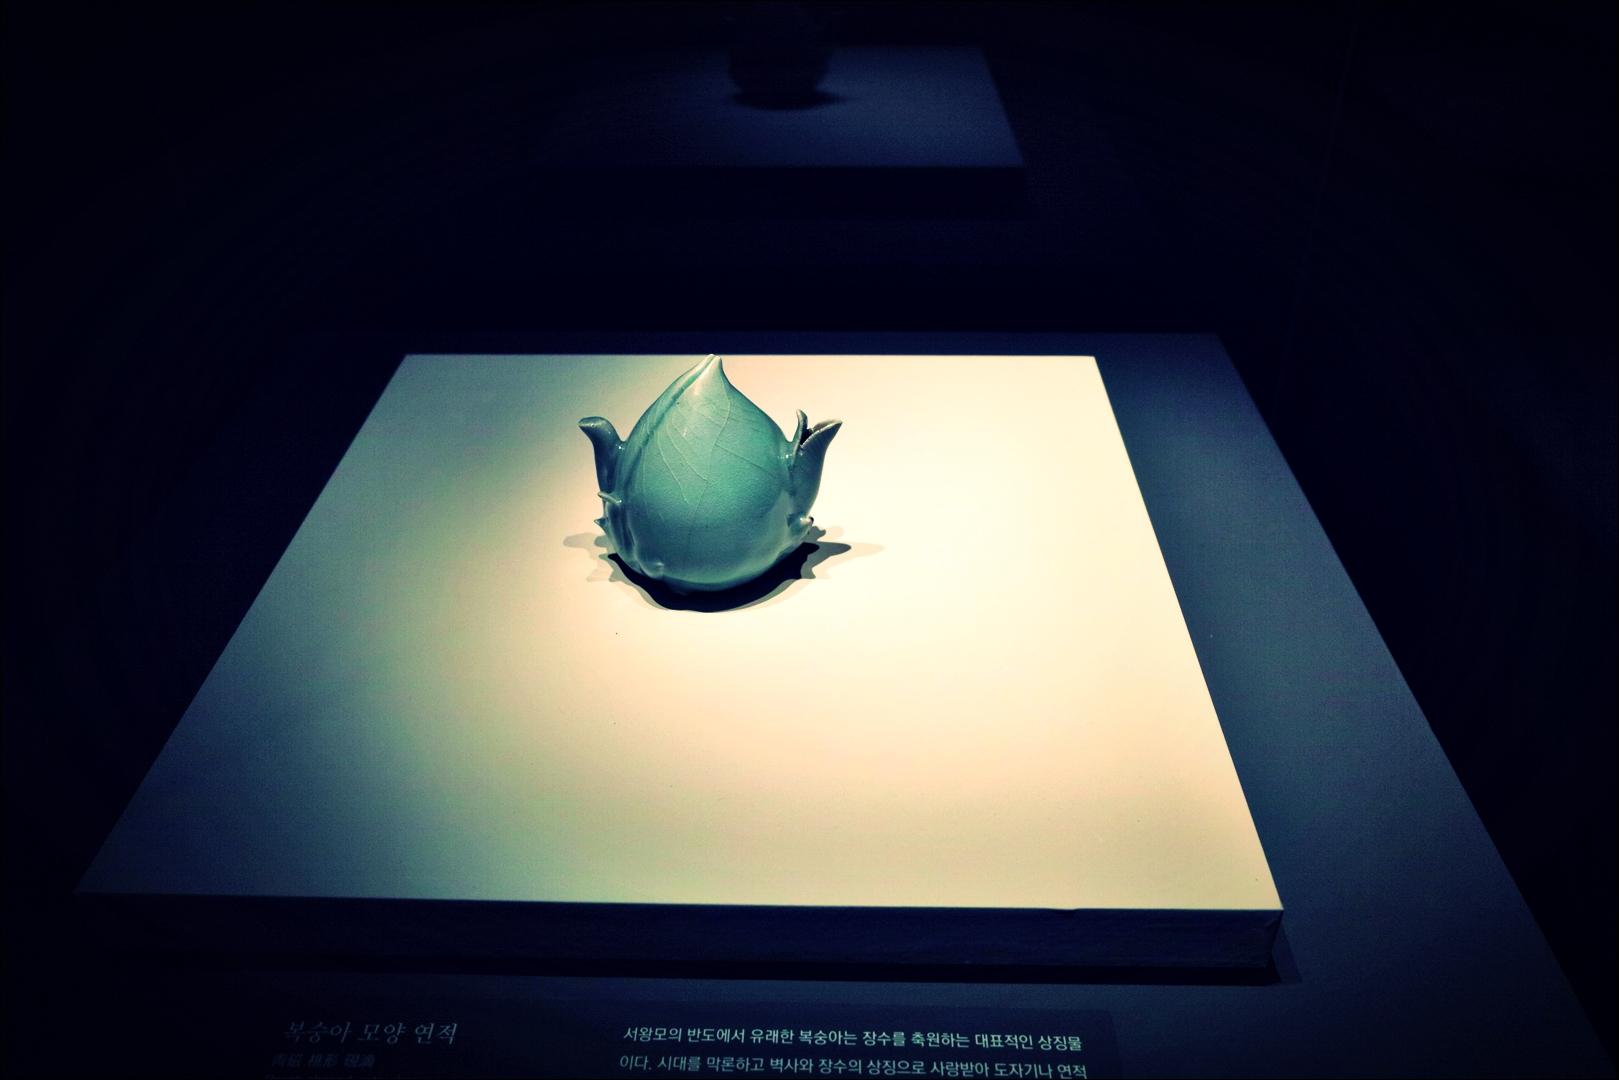 복숭아 모양 연적-'한국의 도교 문화(Taoism of korea)'